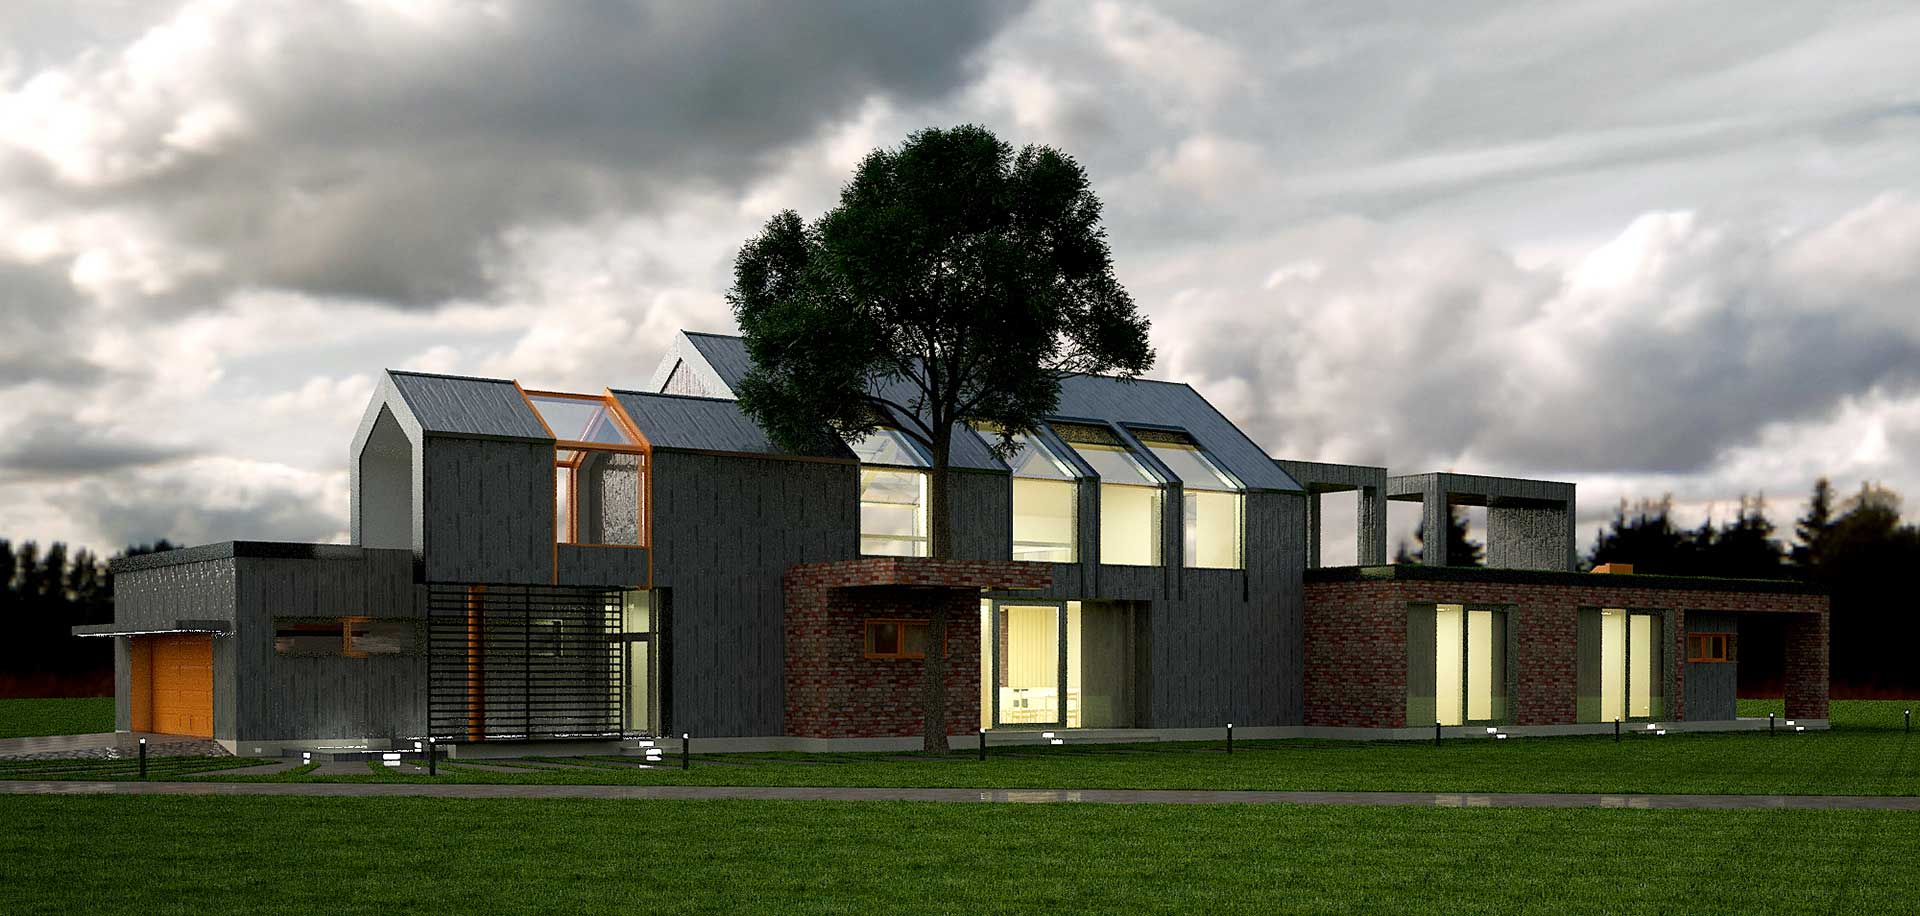 Проектное предложение индивидуального жилого дома (фото 1)